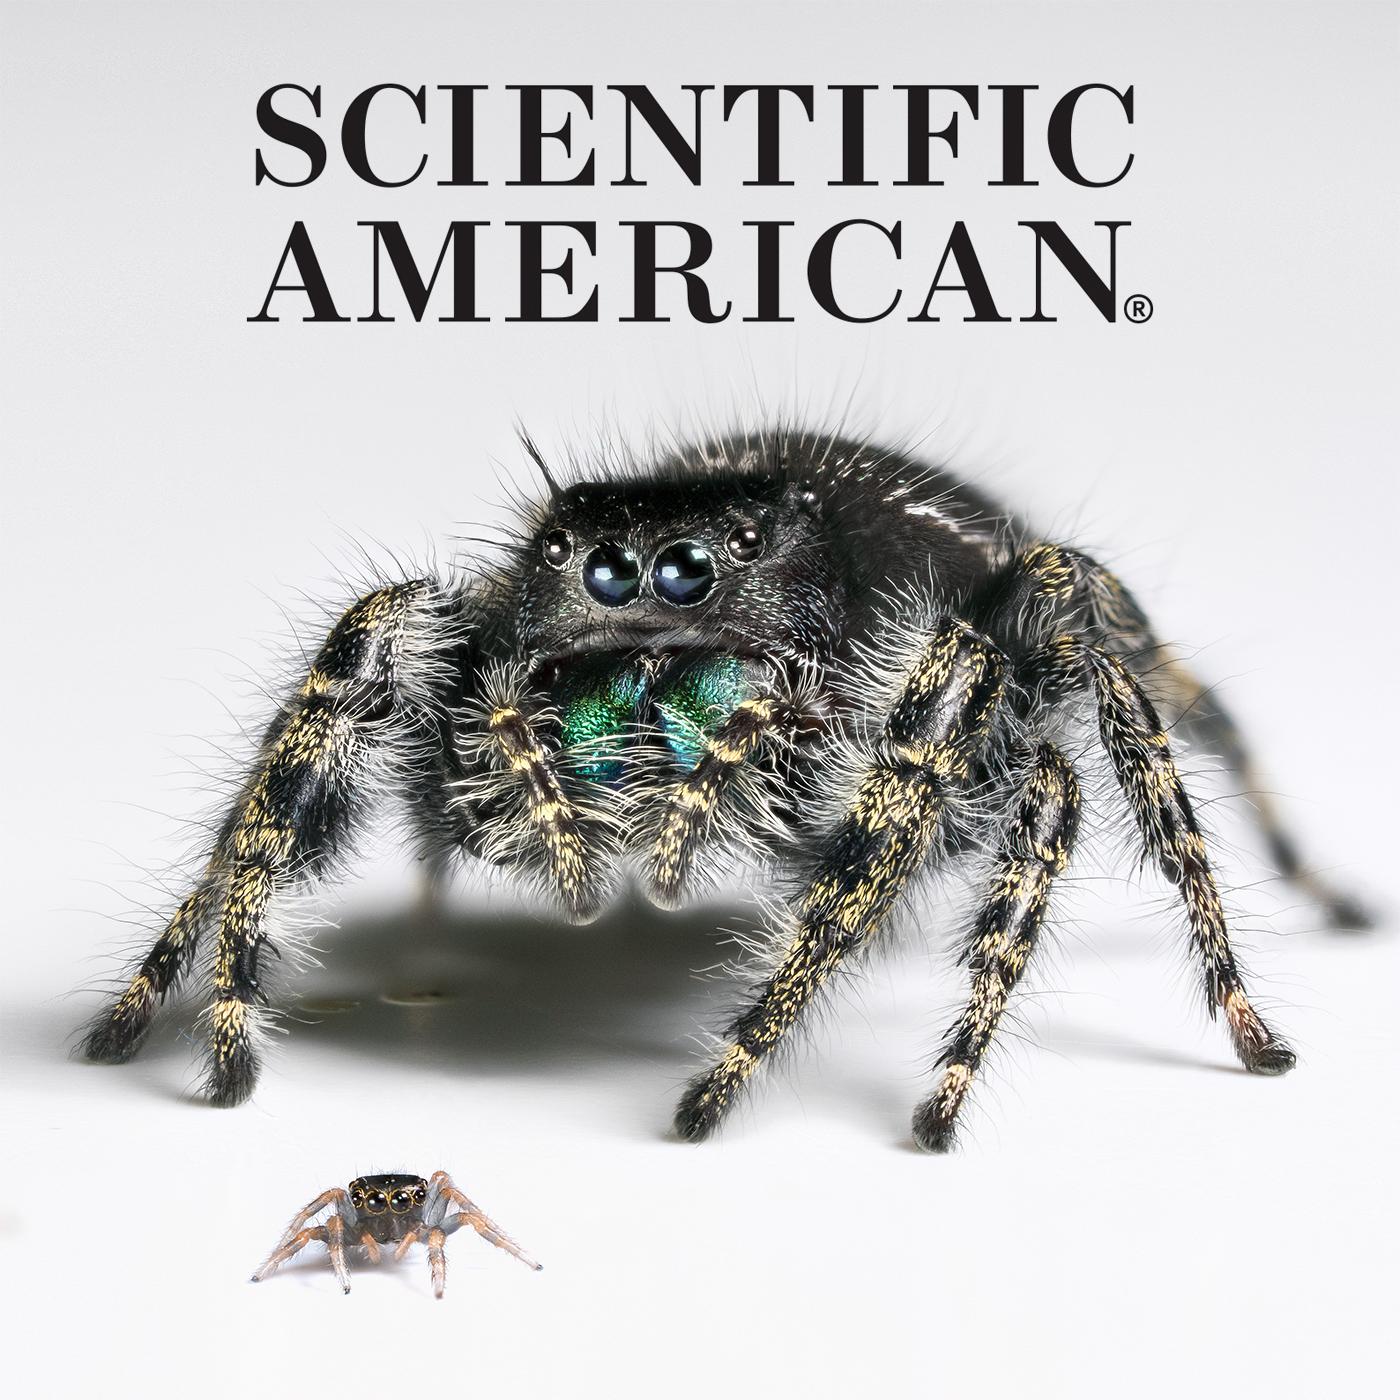 Scientific American Press Coverage